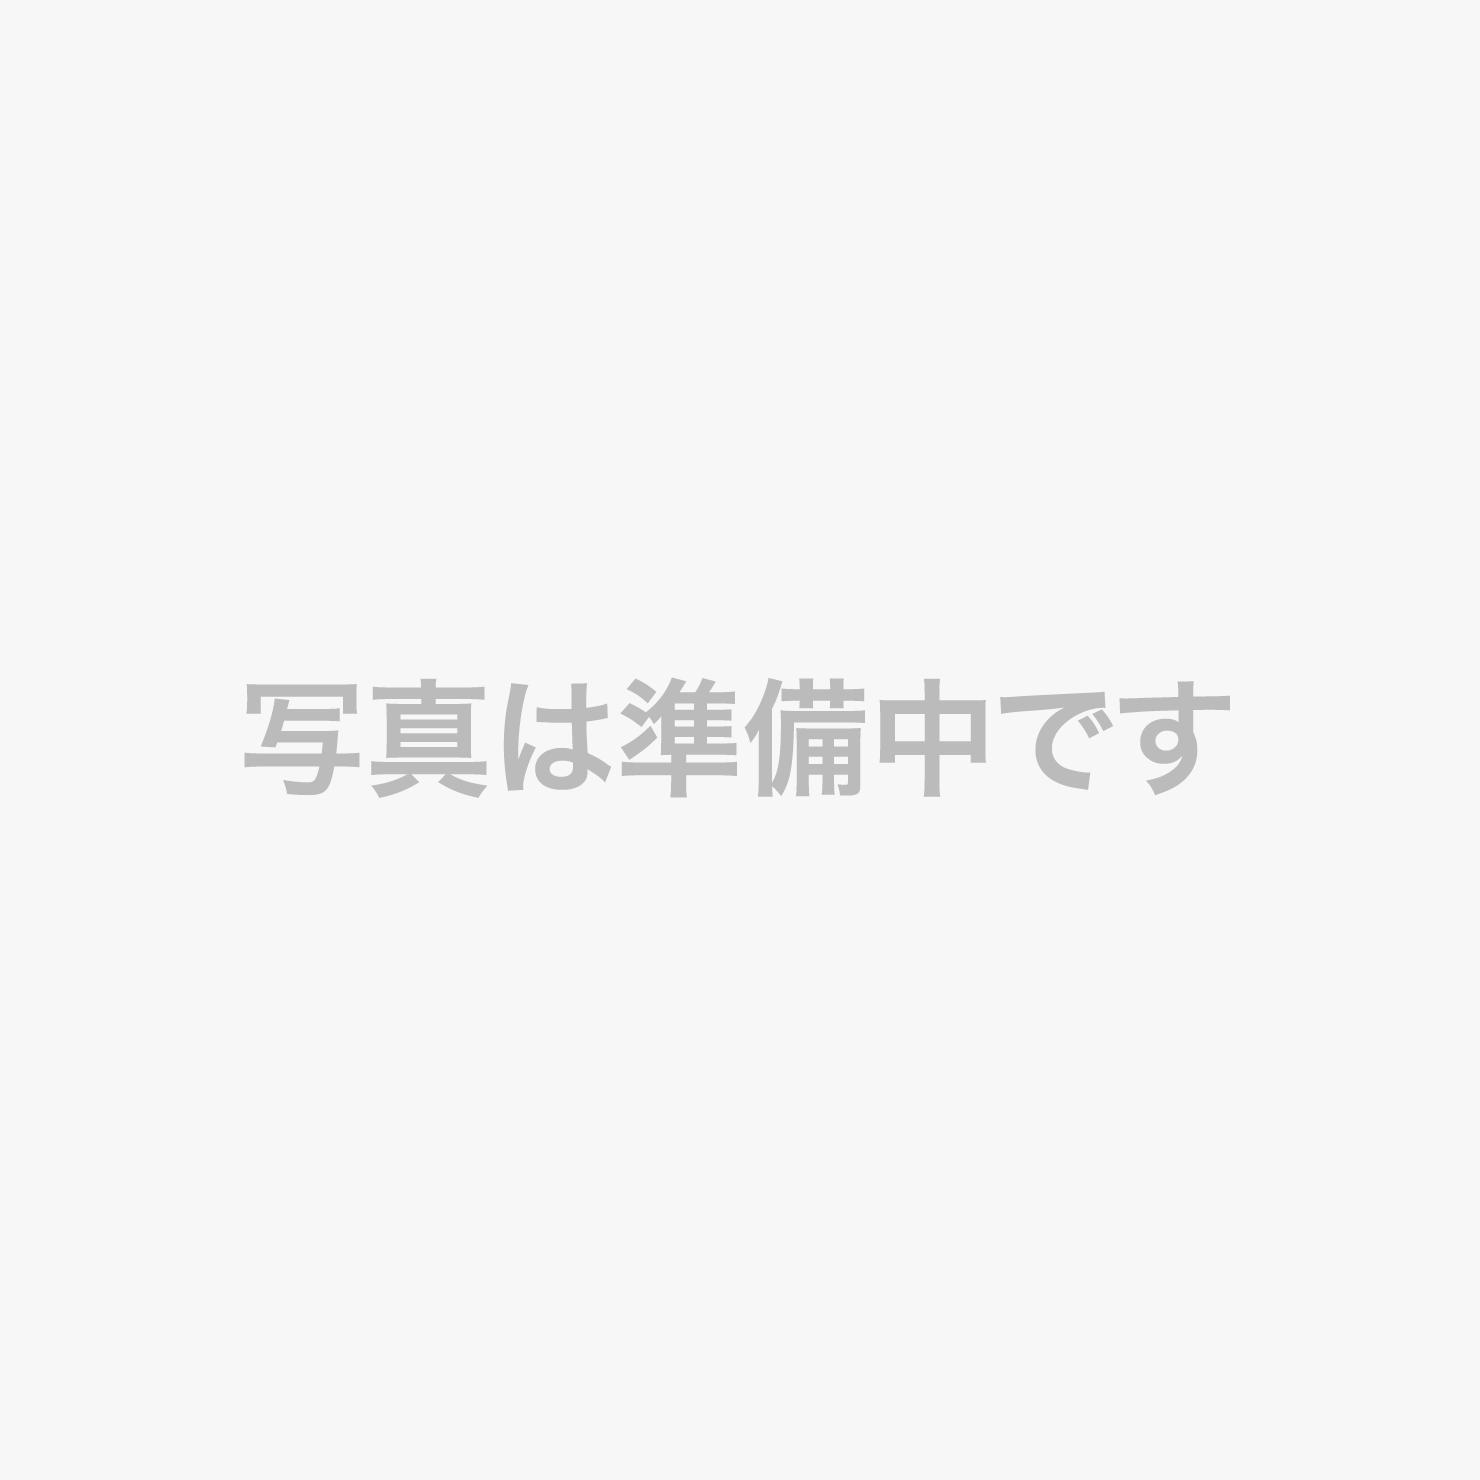 ■軽井沢プリンスホテルイーストショッピングモールまで徒歩2分のイースト本館。高原の四季が満喫できる。